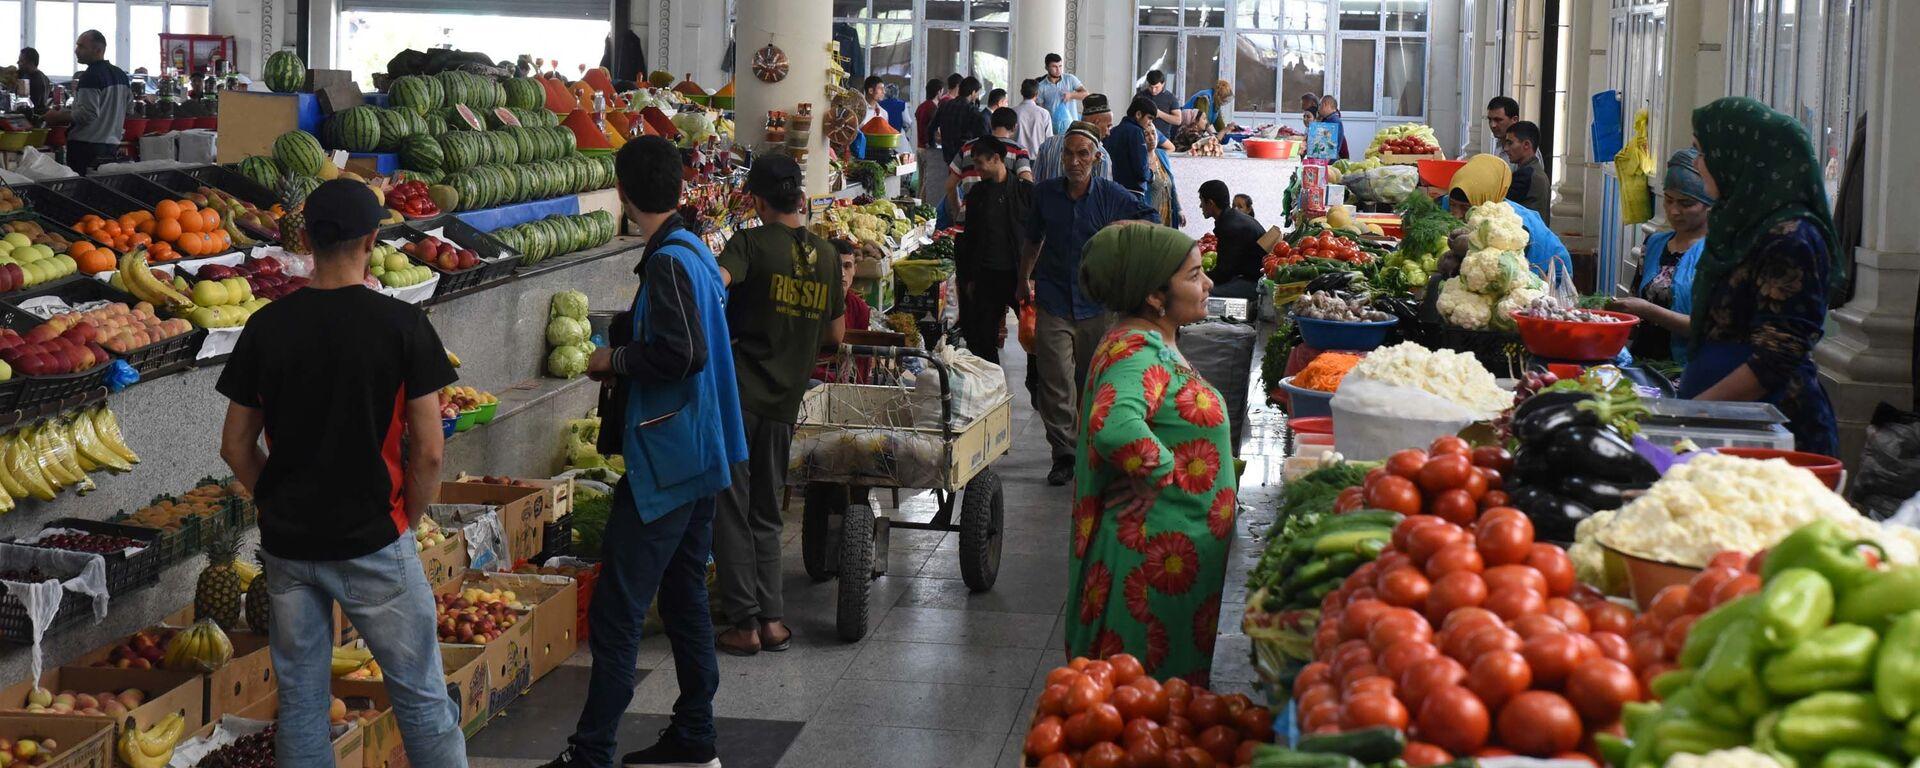 Жители Душанбе покупают продукты на рынке Мехргон  - Sputnik Тоҷикистон, 1920, 14.07.2021